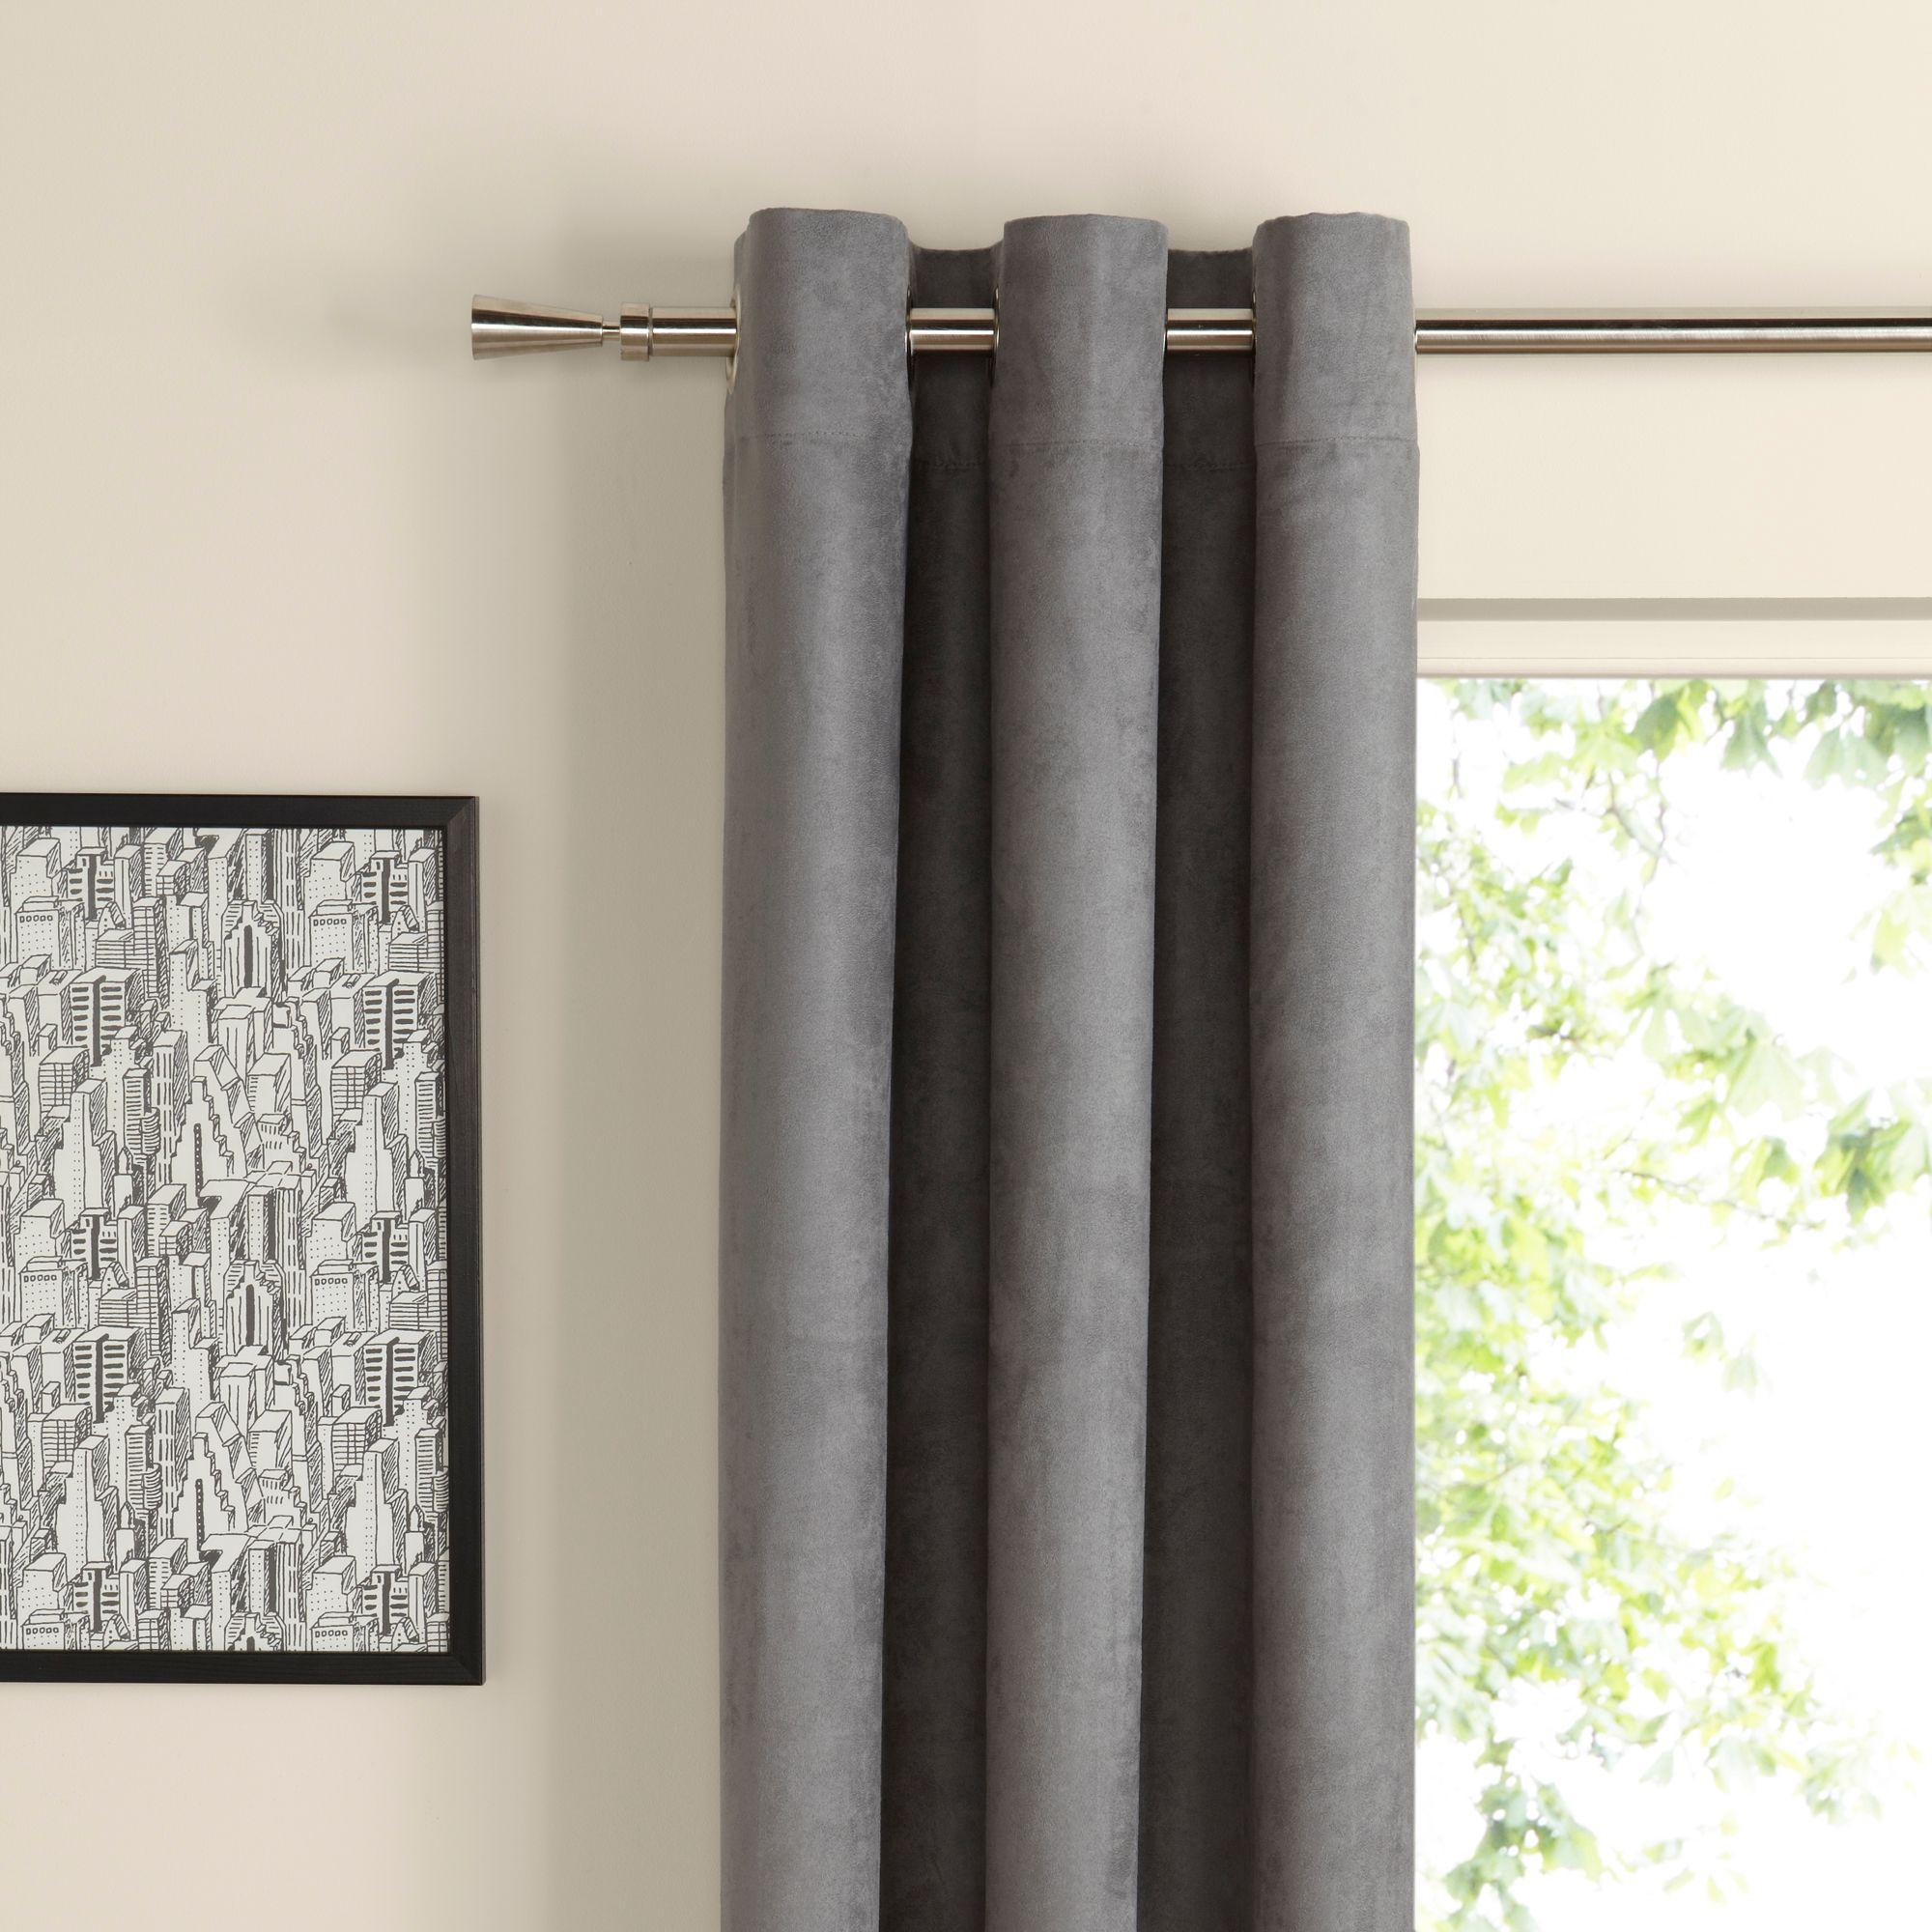 Suedine Concrete Plain Woven Eyelet Curtains (w)228 Cm (l)228 Cm